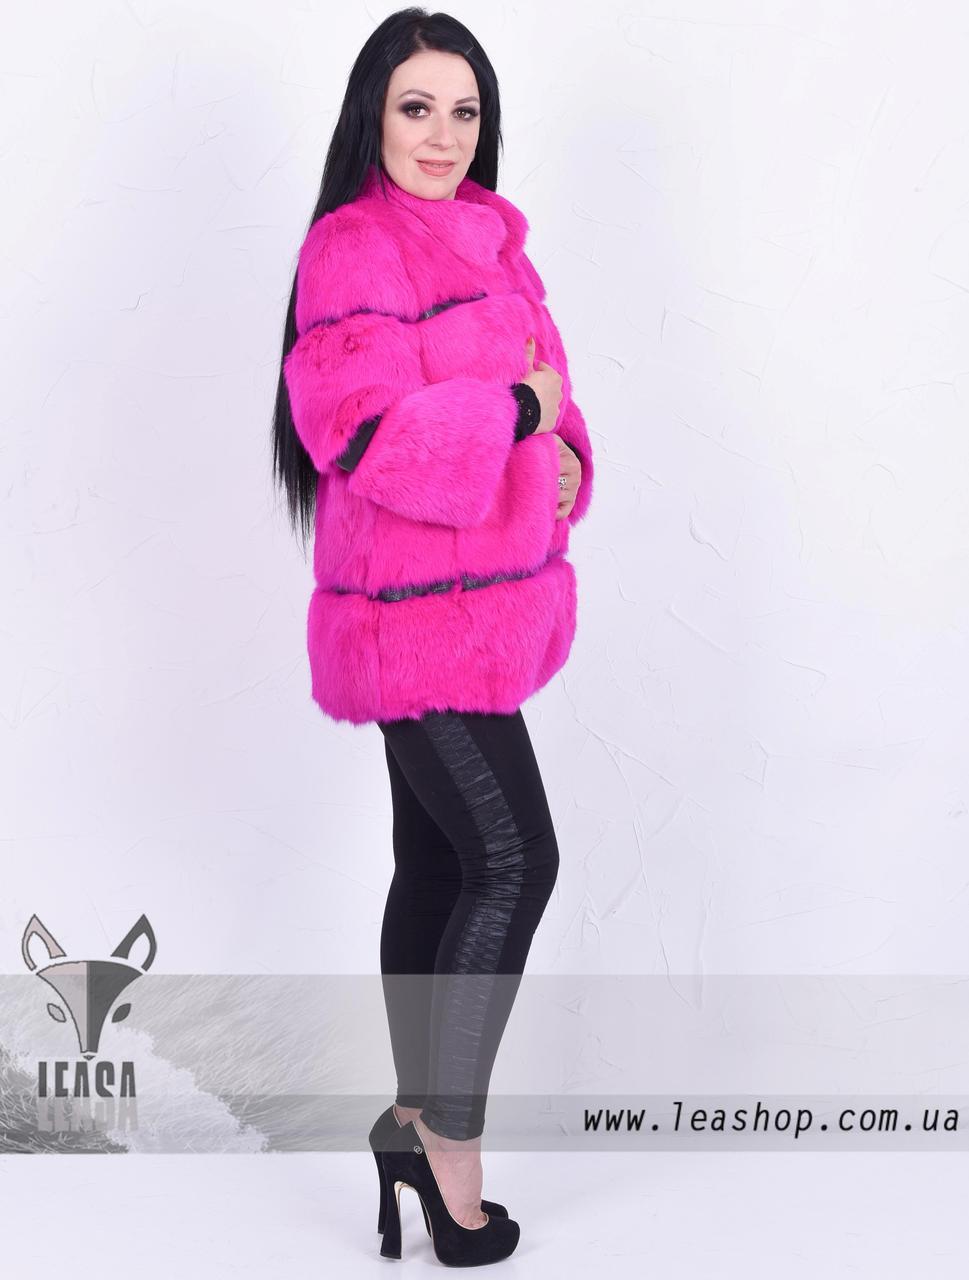 Розовый полушубок из кролика